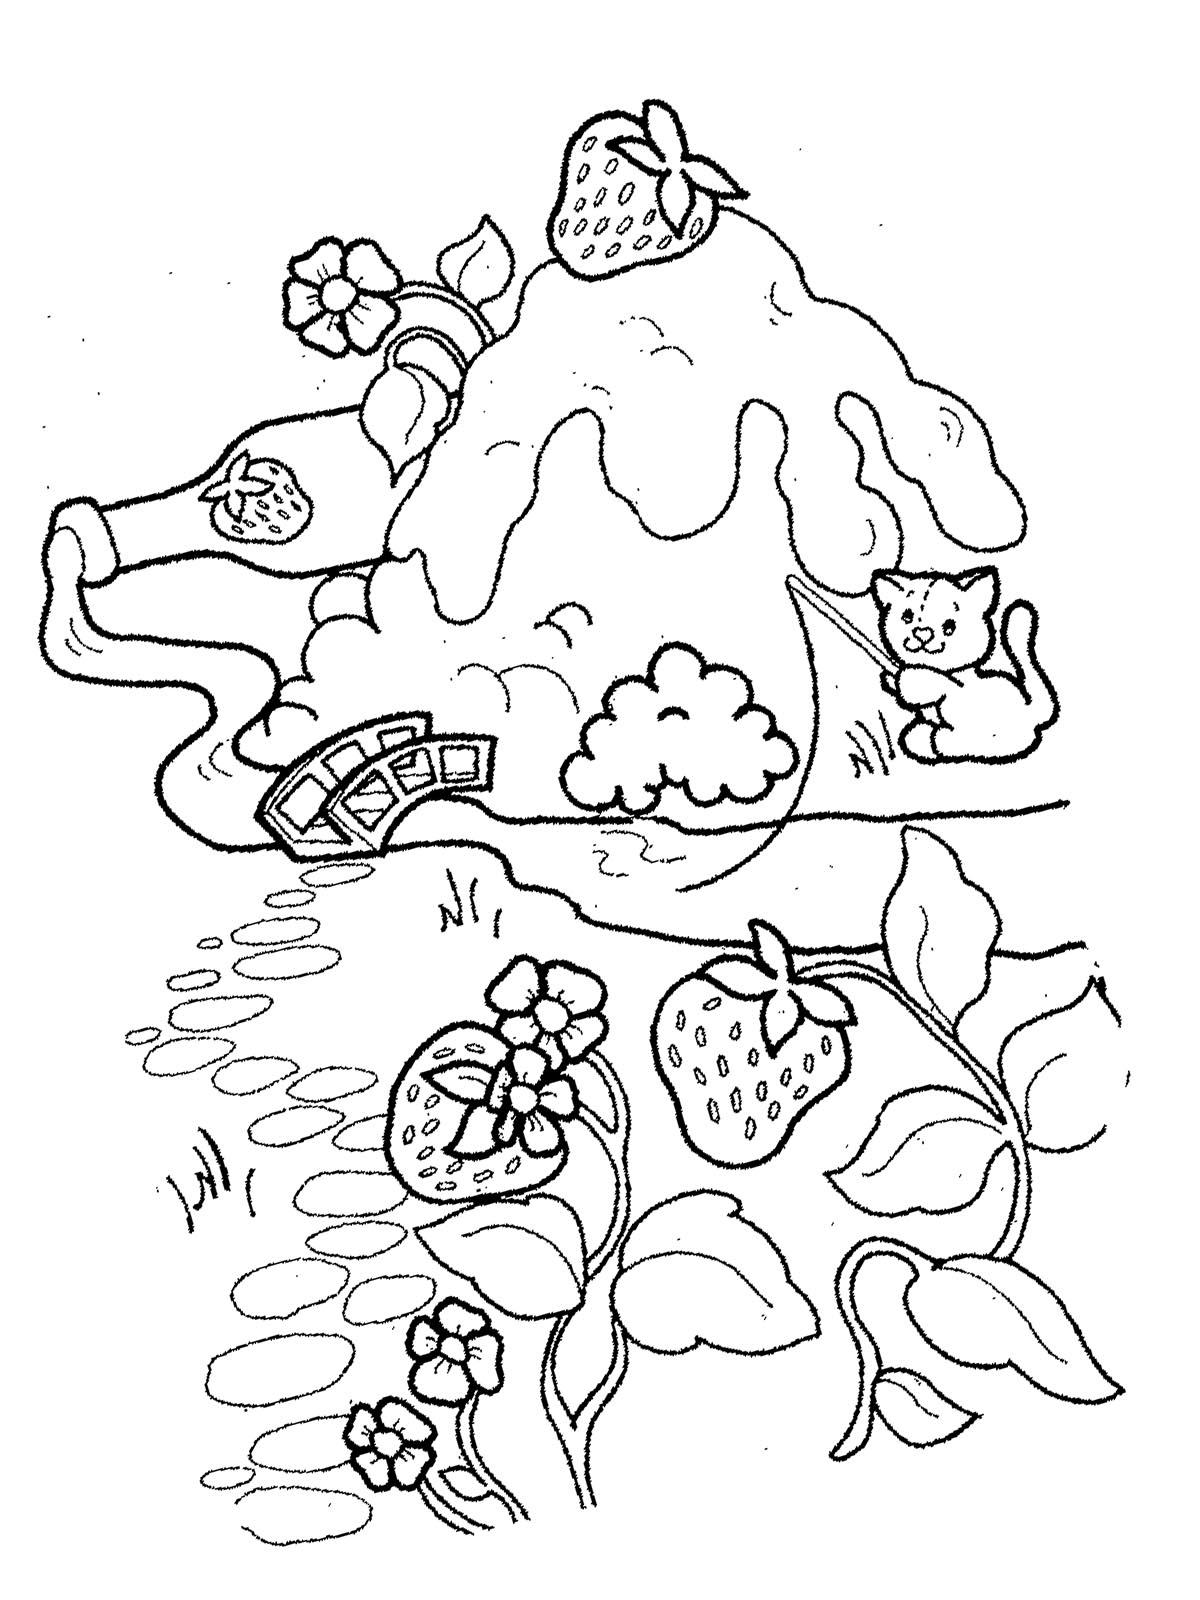 Ausmalbilder Malvorlagen - Erdbeere kostenlos zum